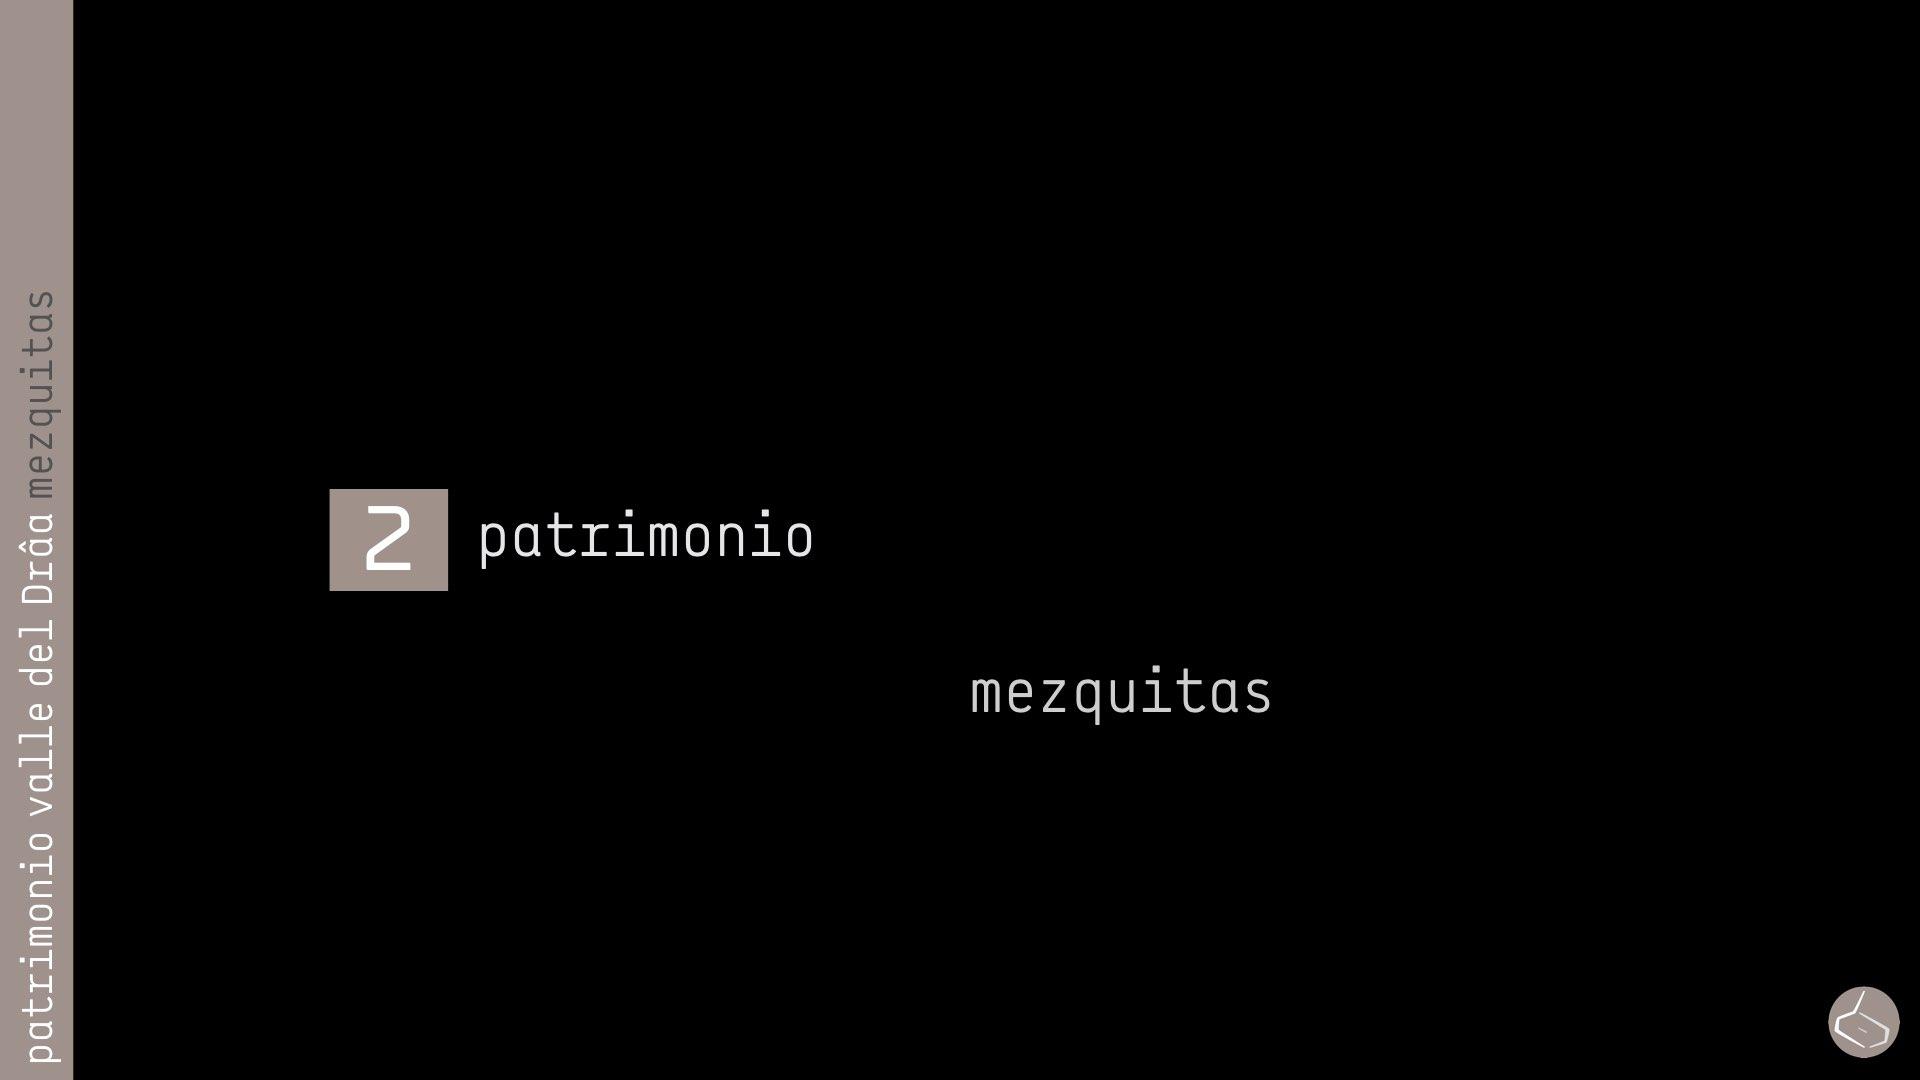 PLANO GUIA PATRIMONIO ZAGORA.125.jpeg